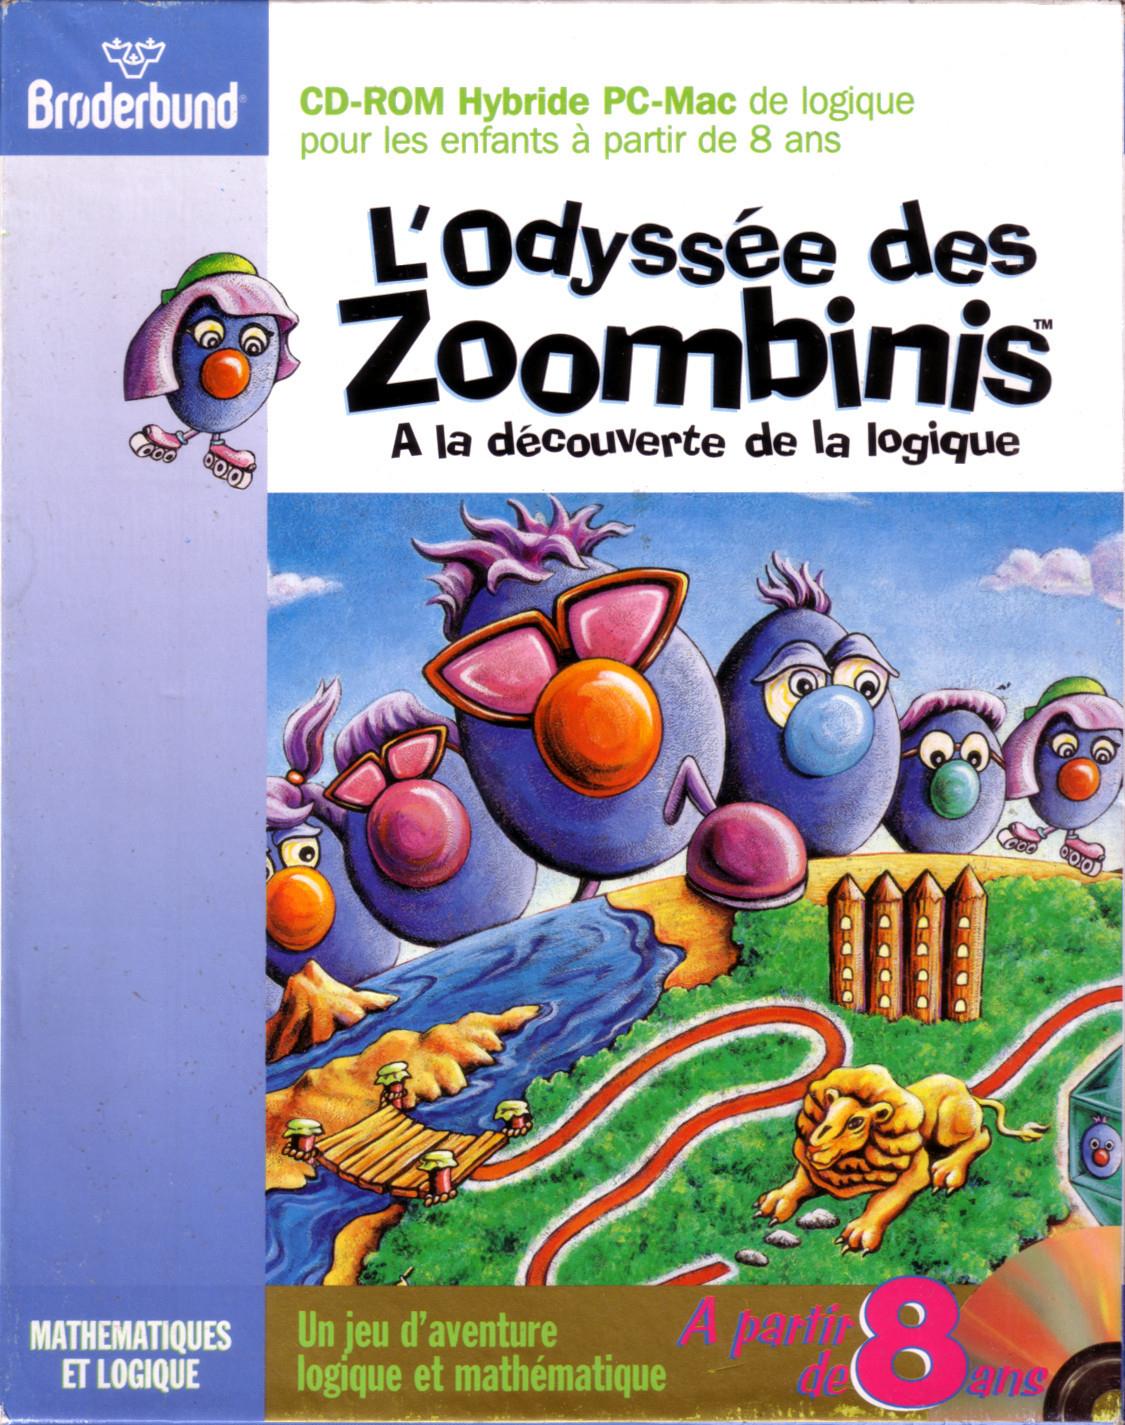 Zoombinis - Planète Aventure encequiconcerne Jeux Pc Enfant